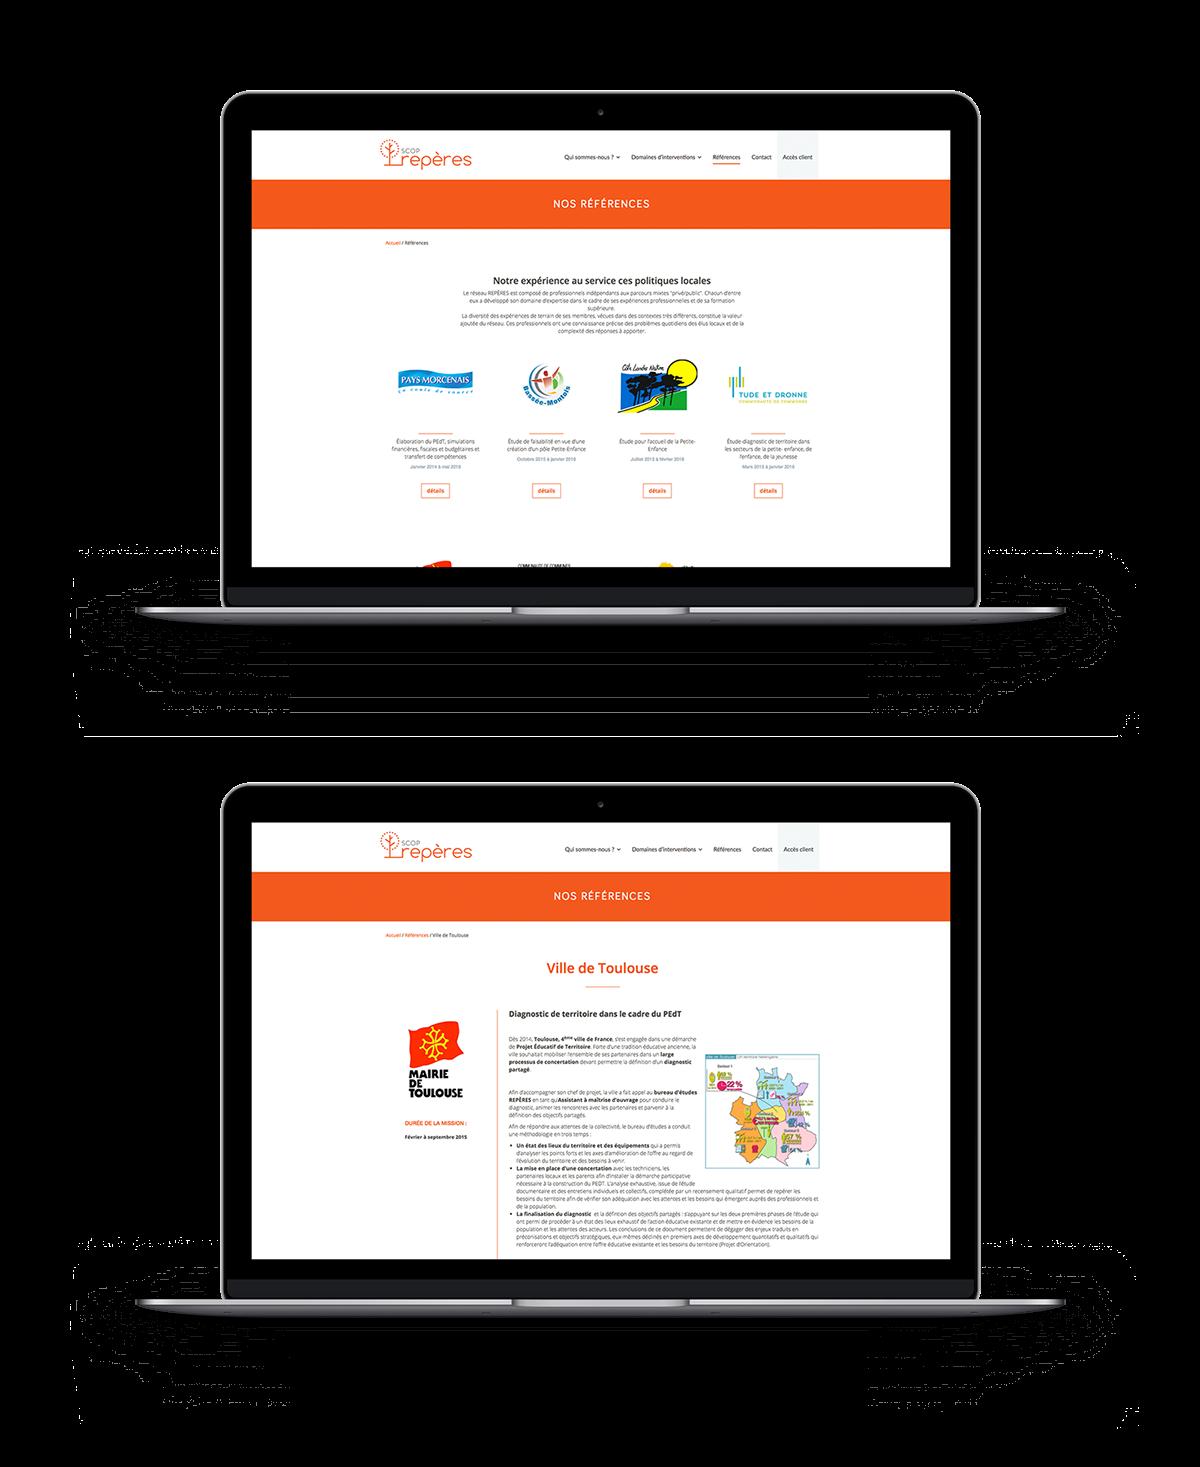 site internet,wordpress,identité visuelle,logo,schema,design web